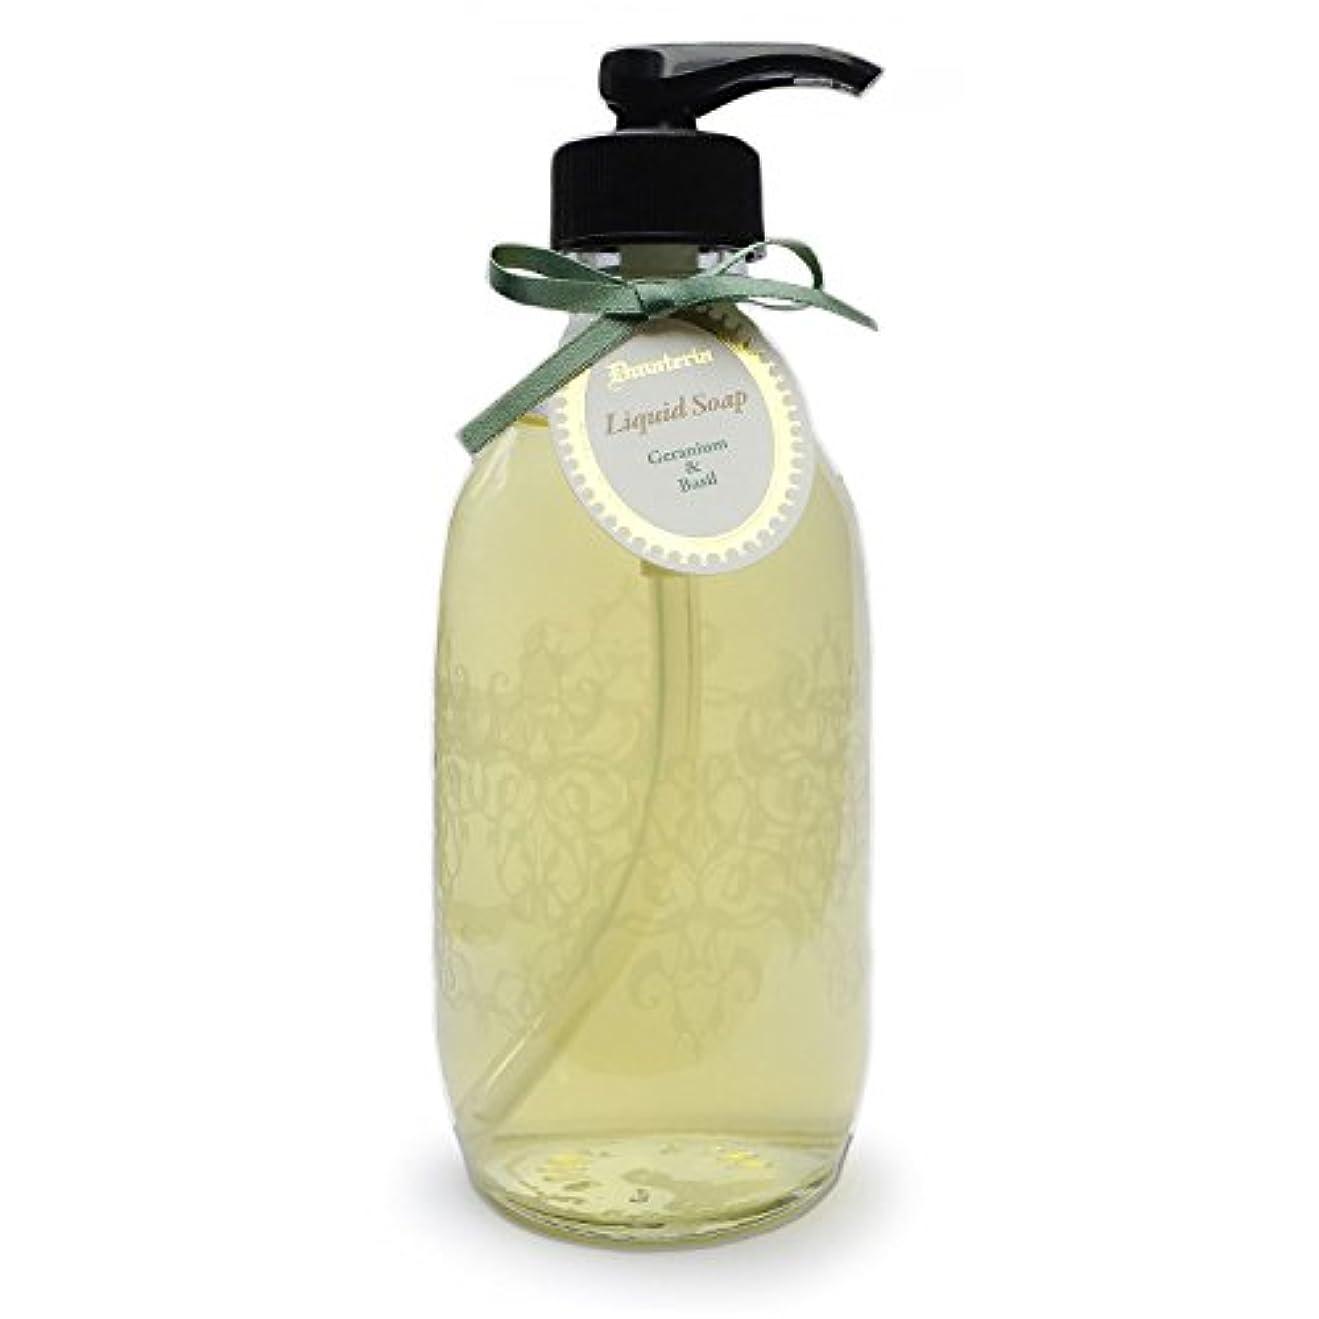 気を散らすインキュバス人里離れたD materia リキッドソープ ゼラニウム&バジル Geranium&Basil Liquid Soap ディーマテリア